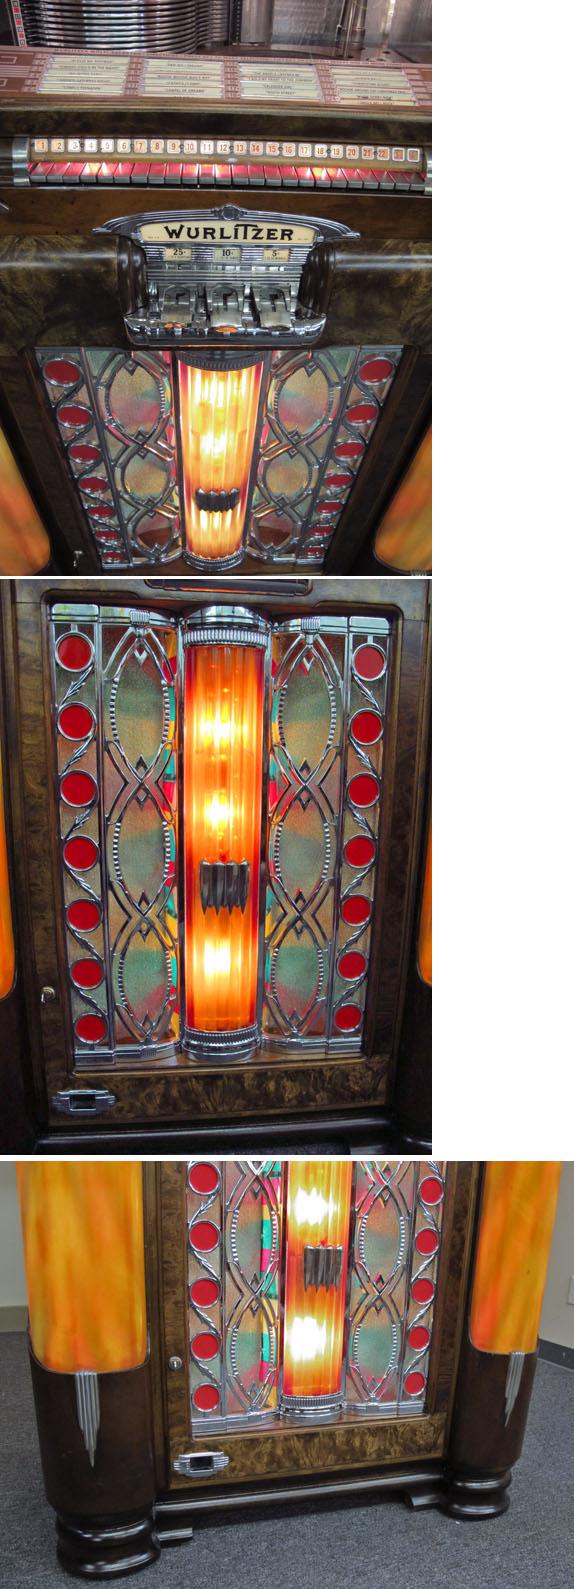 wurlitzer 800 jukebox. Black Bedroom Furniture Sets. Home Design Ideas